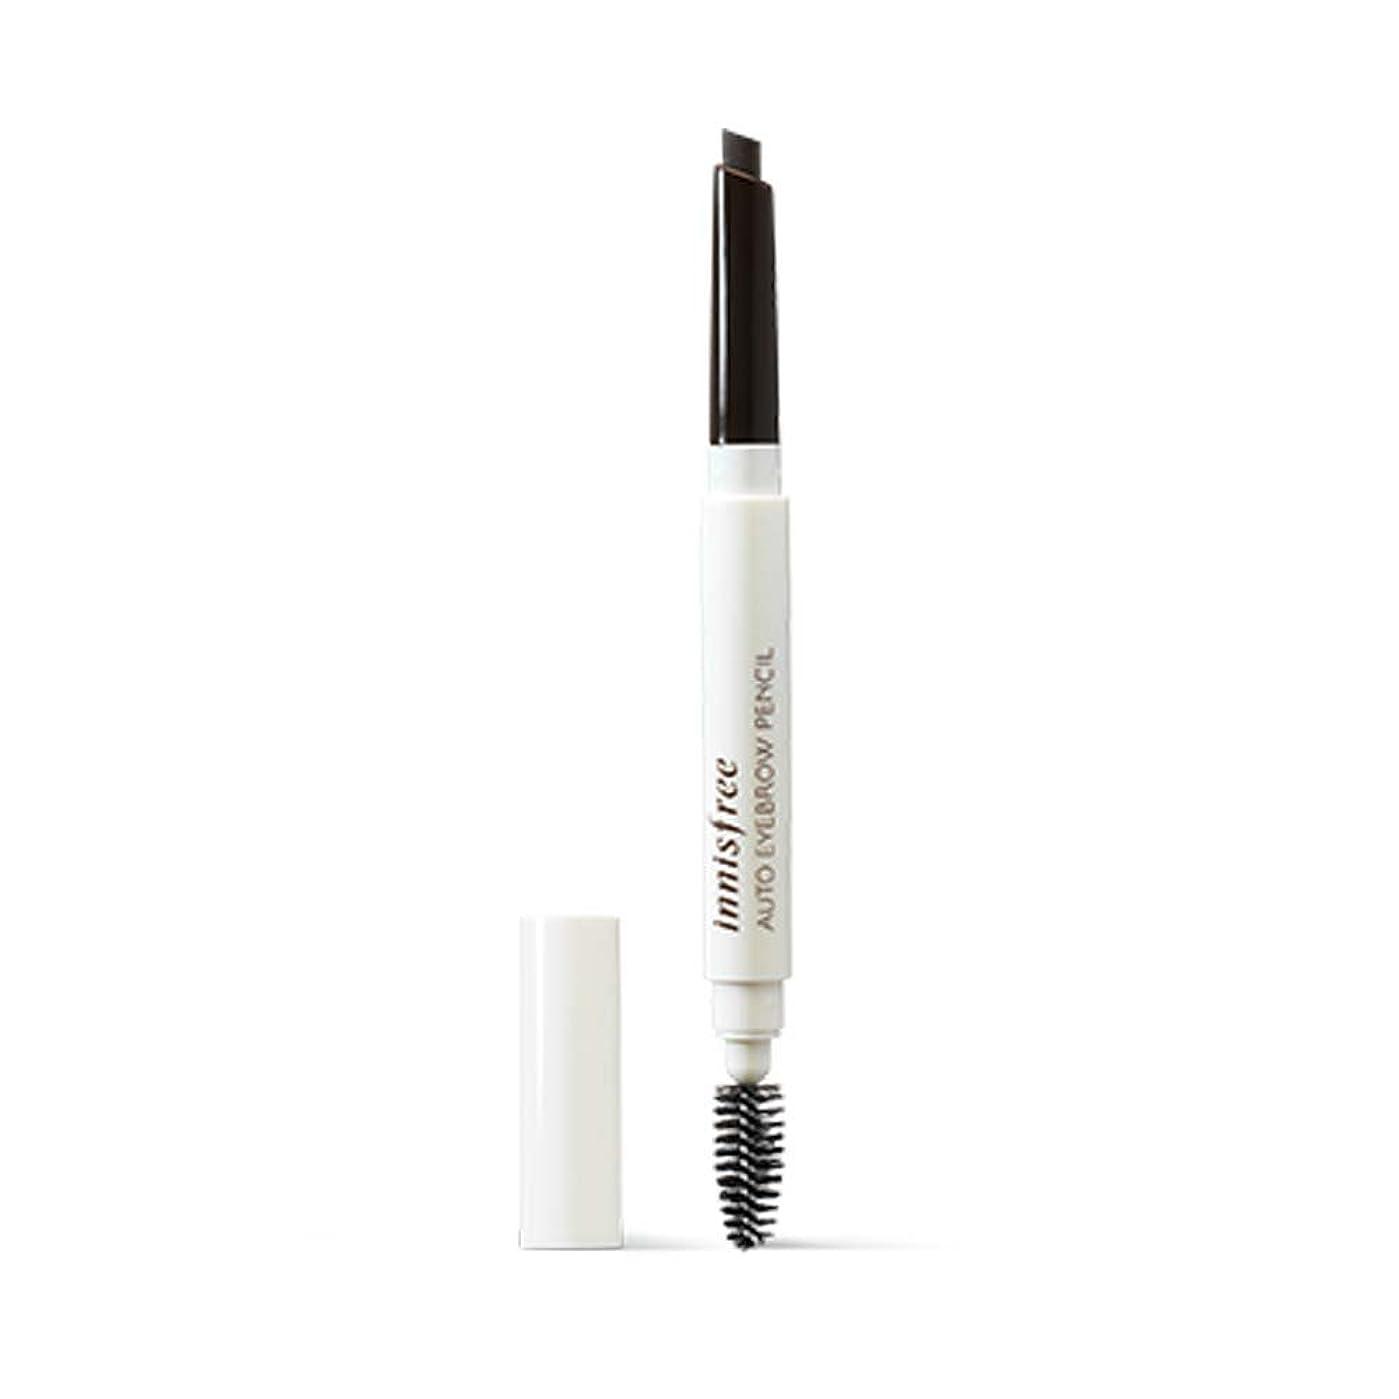 コミュニケーション違反する高めるイニスフリーアップルシードリップ&アイメークアップリムーバーティッシュ30枚 / Innisfree Apple Seed Lip&Eye Makeup Remover Tissue 30 Sheets [海外直送品][並行輸入品]